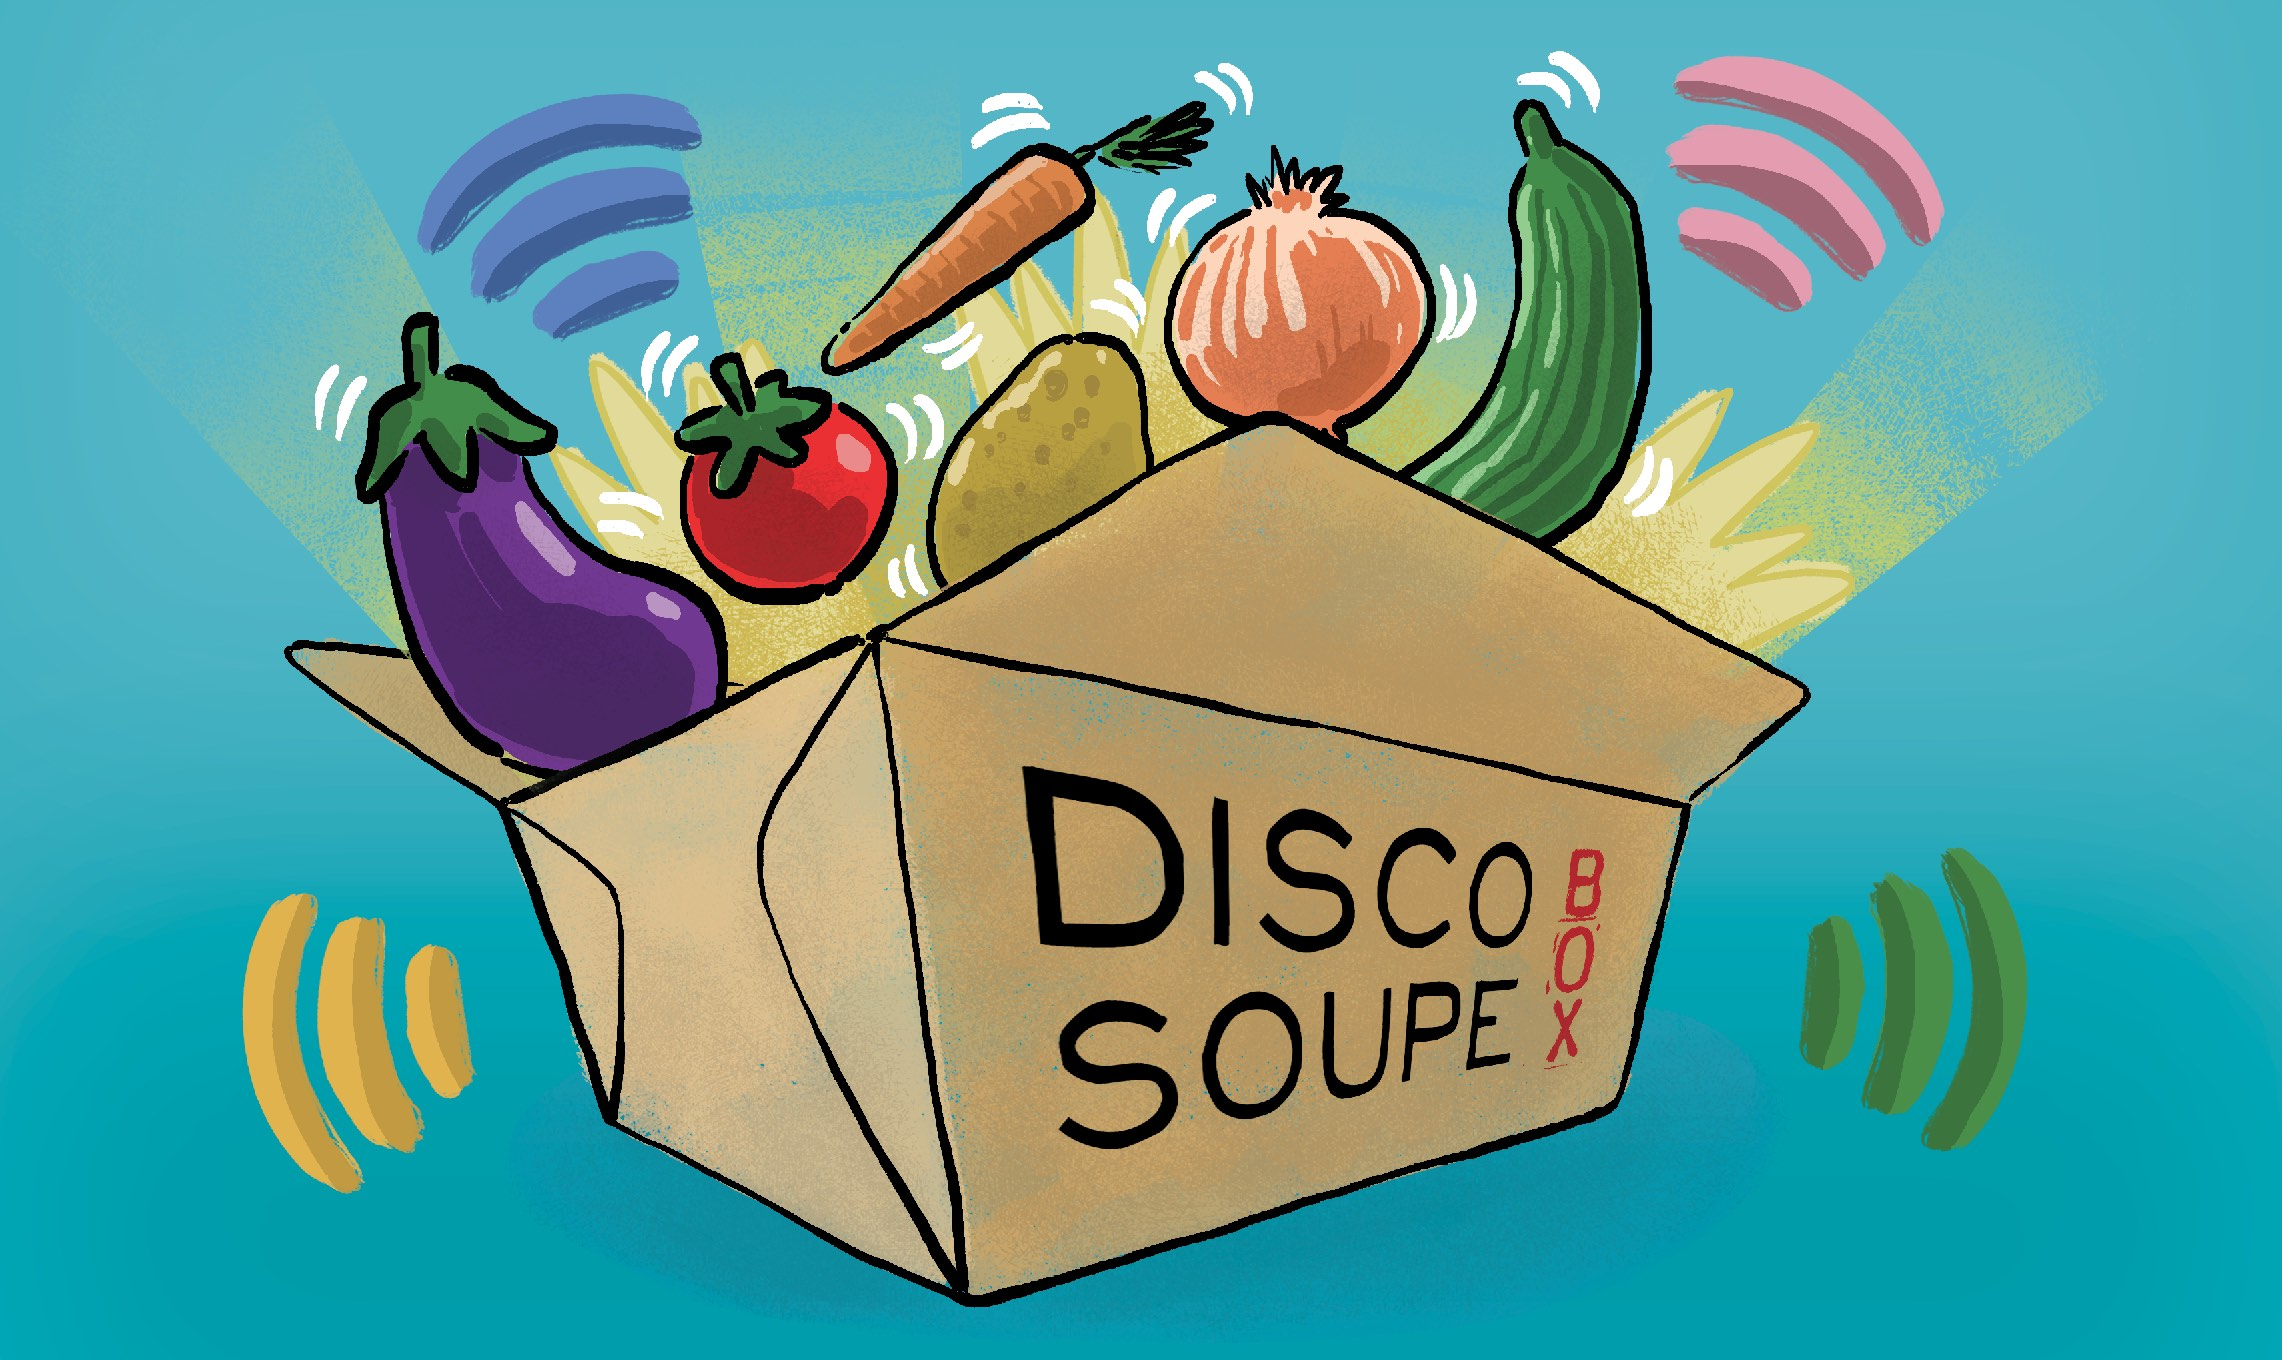 Immagine Disco Soupe Box-meno